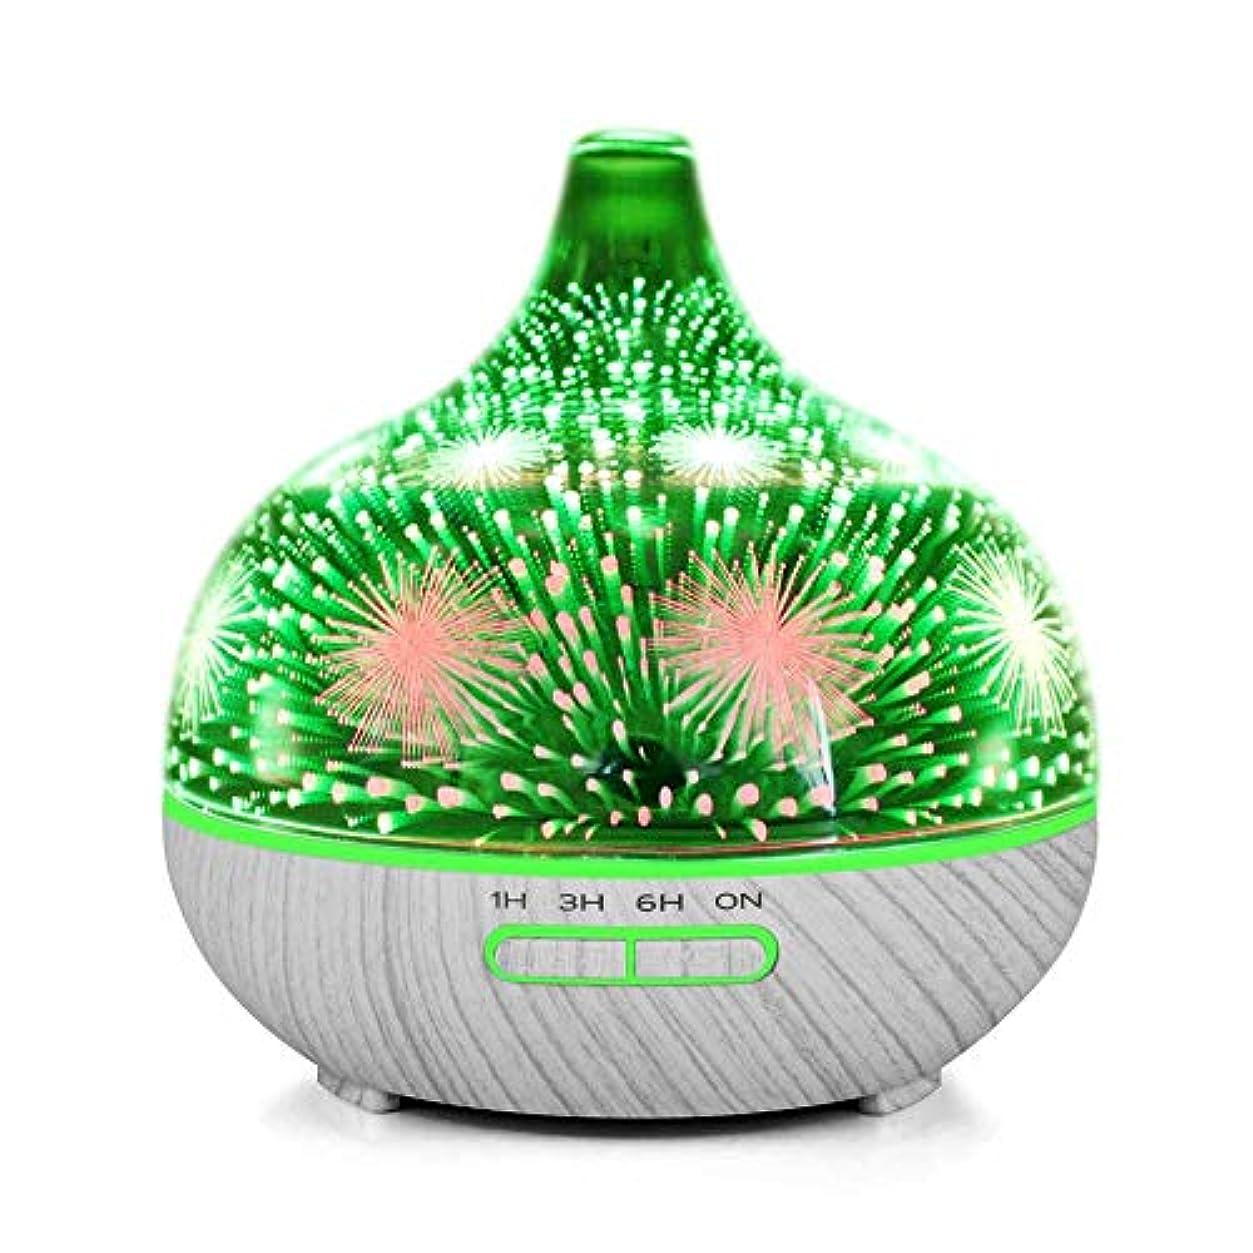 タンカー幻滅する椅子Makifly 3D Night Light Ultrasonic Cool Mist Humidifier, Aroma Diffuser Essential Oil Humidifiers, Aromatherapy...